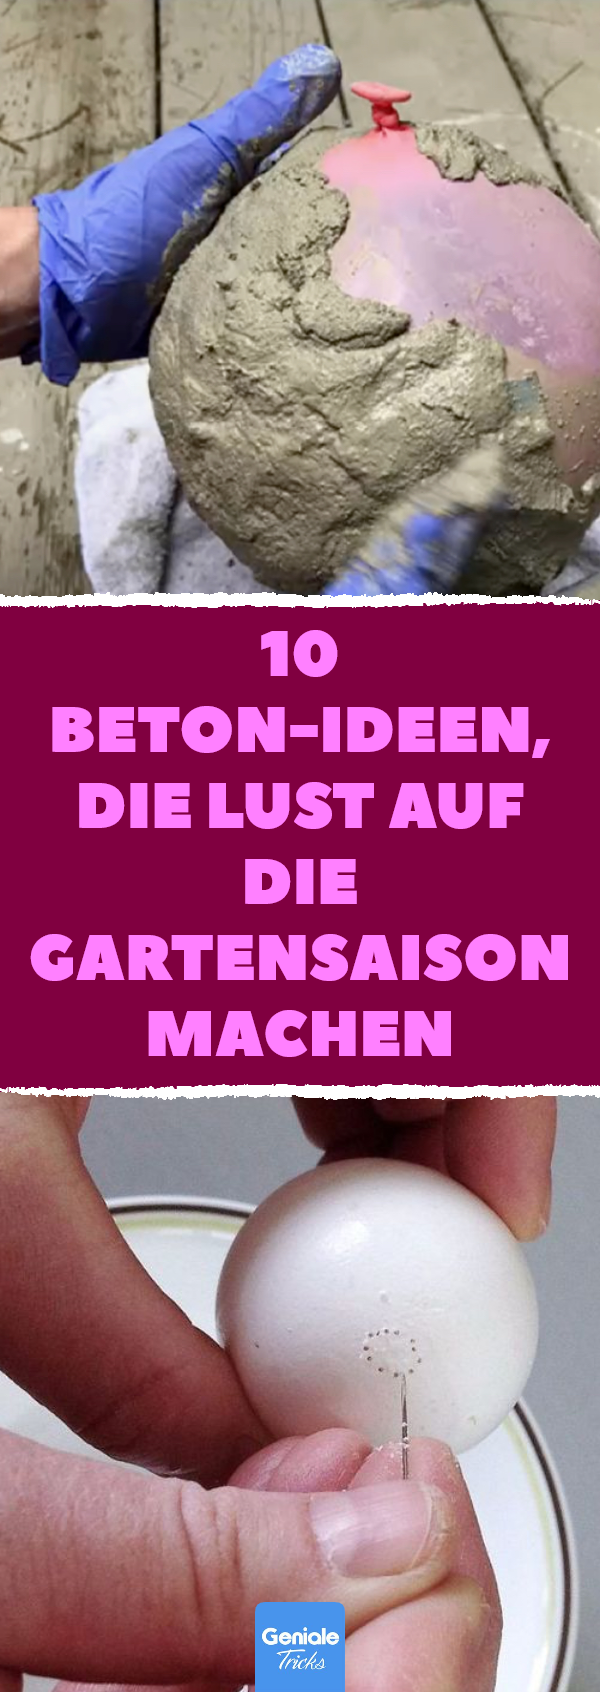 10 Beton-Ideen, die Lust auf die Gartensaison machen